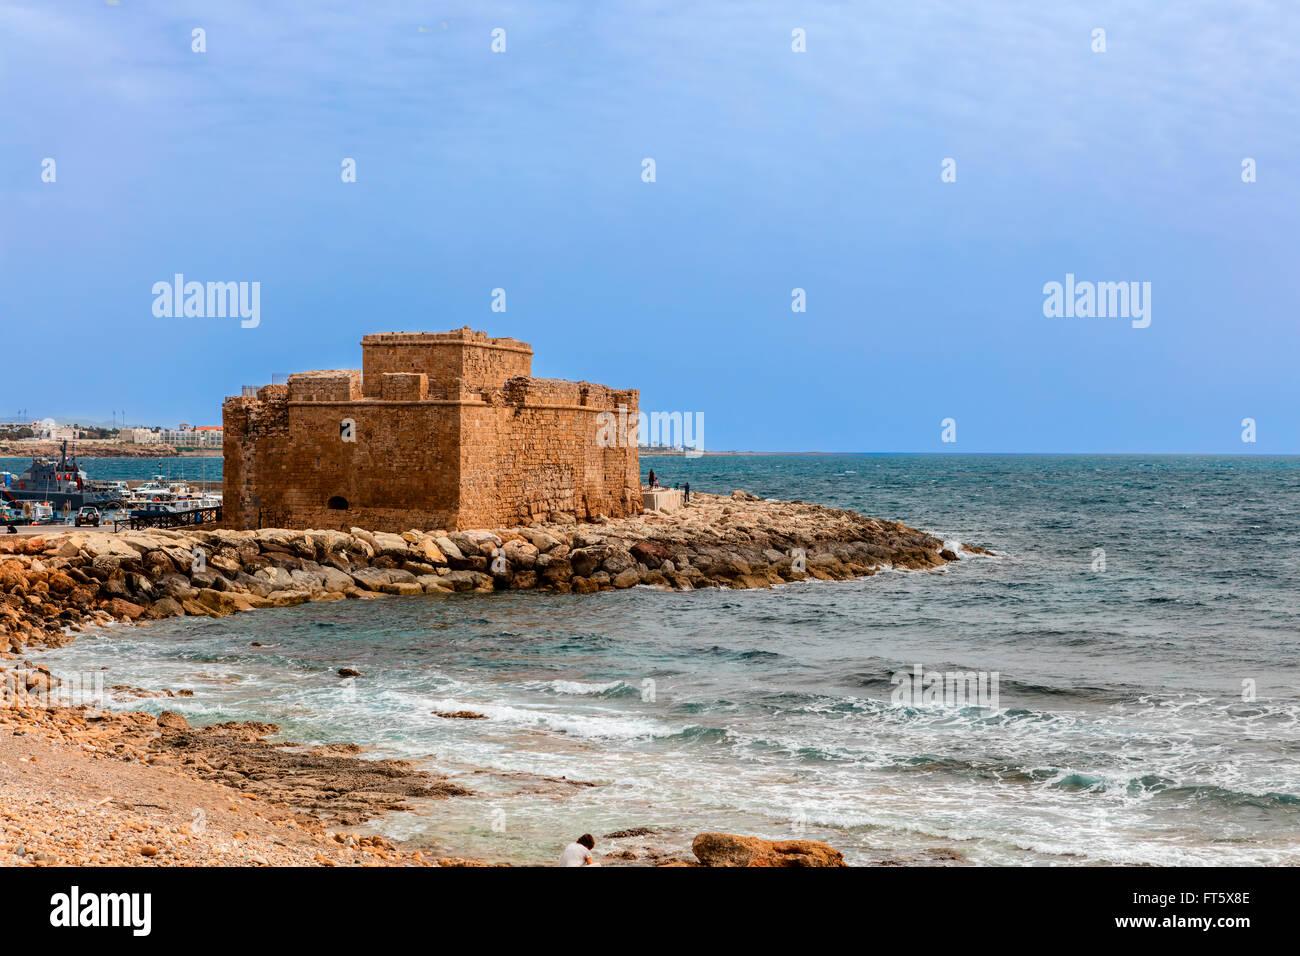 Castillo medieval en Paphos, Chipre. Imagen De Stock